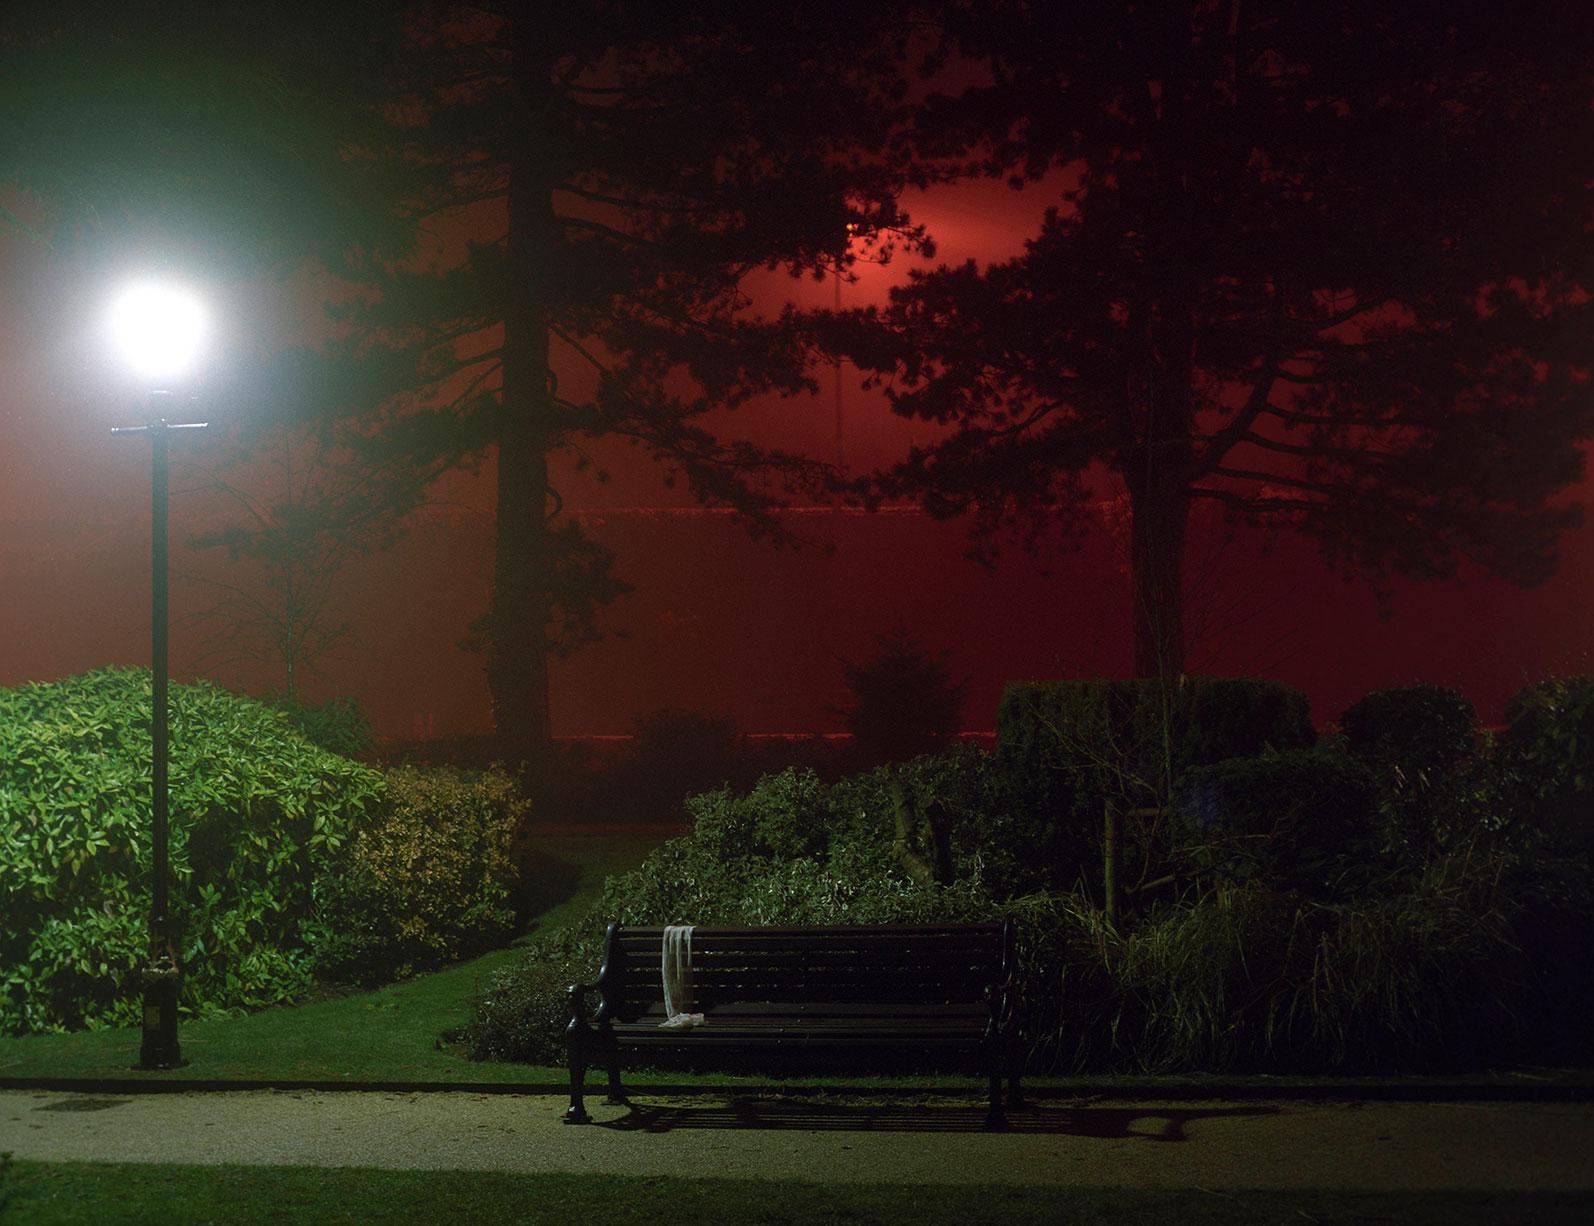 a misty night - e